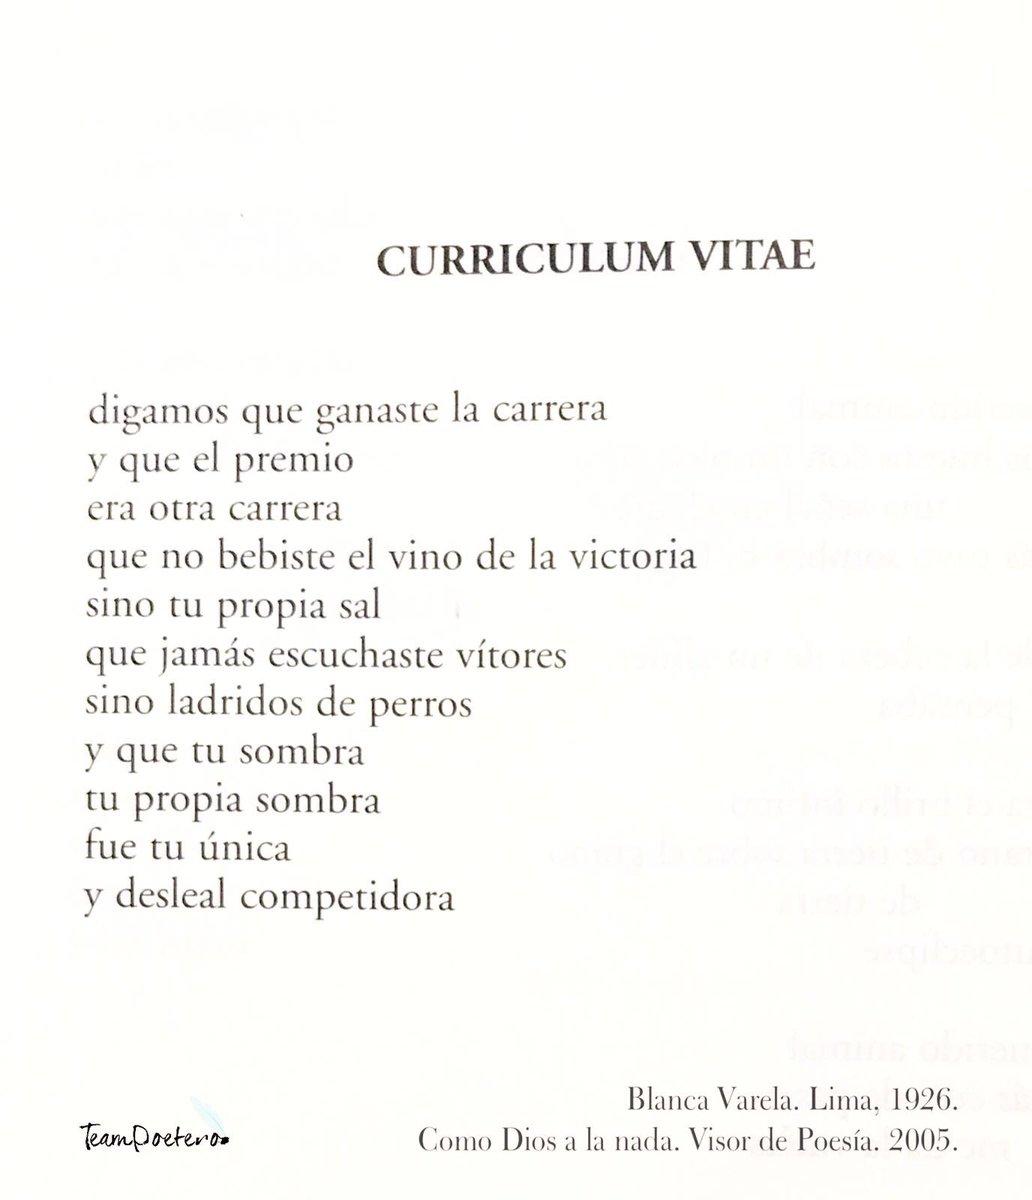 Contemporáneo Visor De Currículum Adorno - Ejemplo De Currículum ...